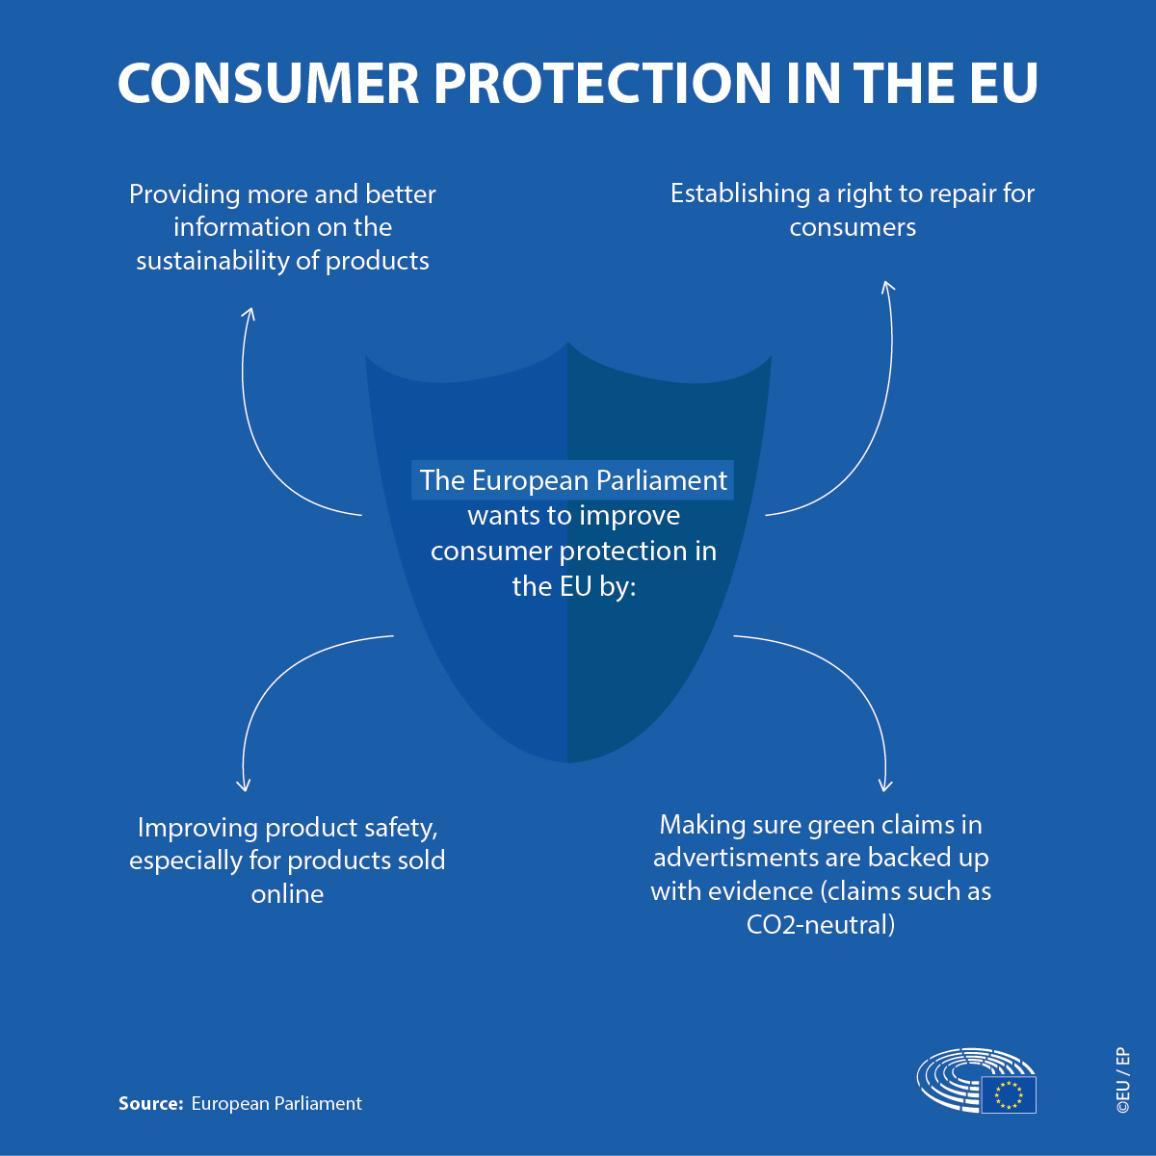 تصویر اینفوگرافیک در مورد حمایت از مصرف کننده در اتحادیه اروپا